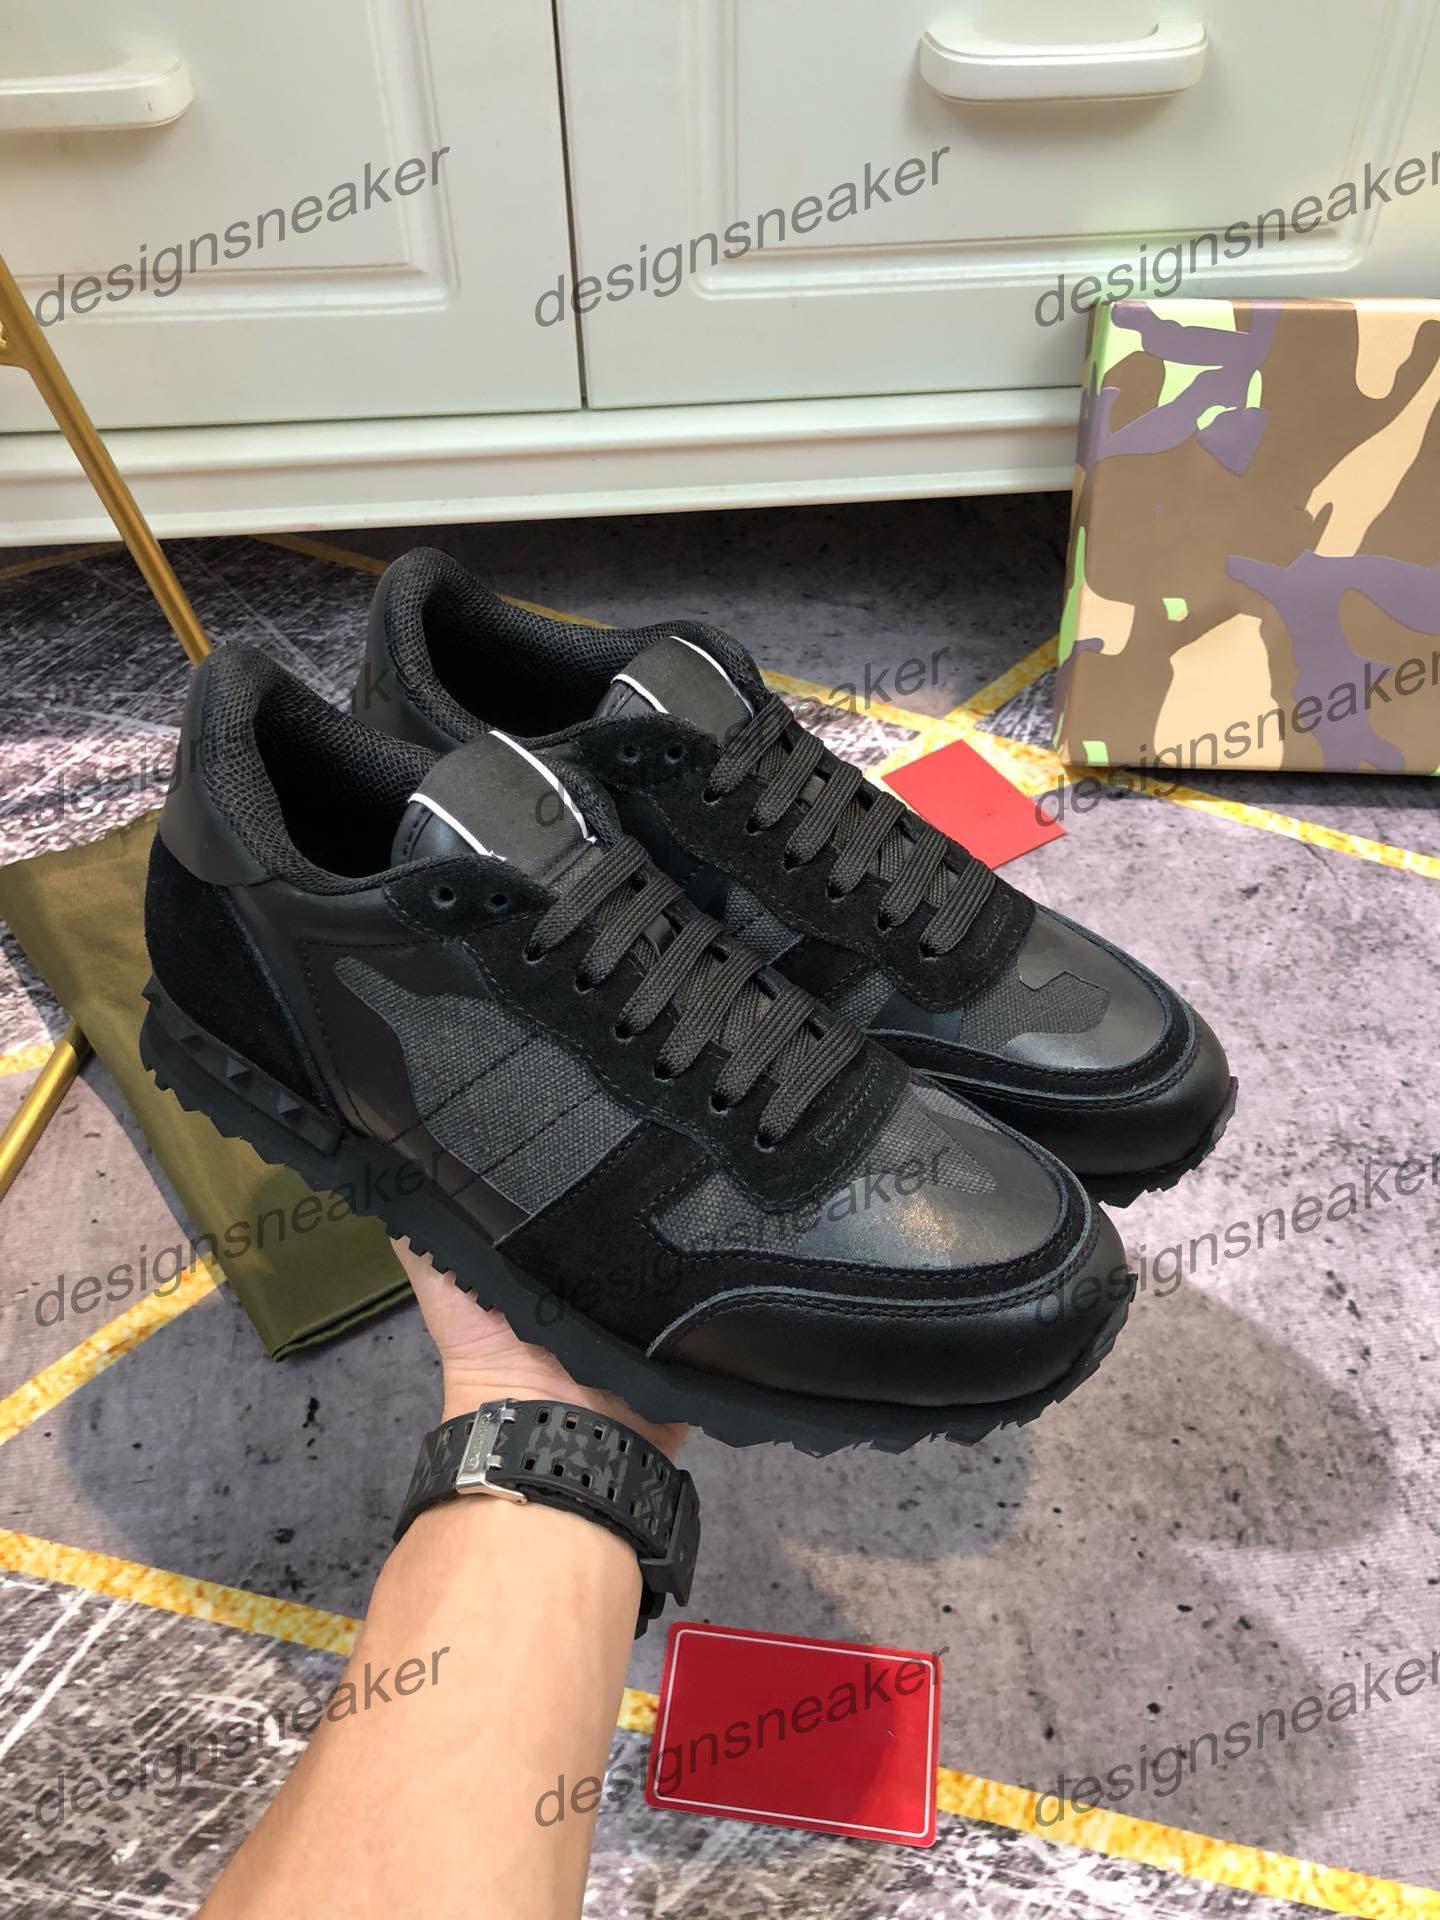 Top Mens delle donne di qualità pelle borchiata Roccia Runner scarpe da ginnastica con borchie Camo mimetico Rockrunner Formatori Casual Walking Shoes Sneakers